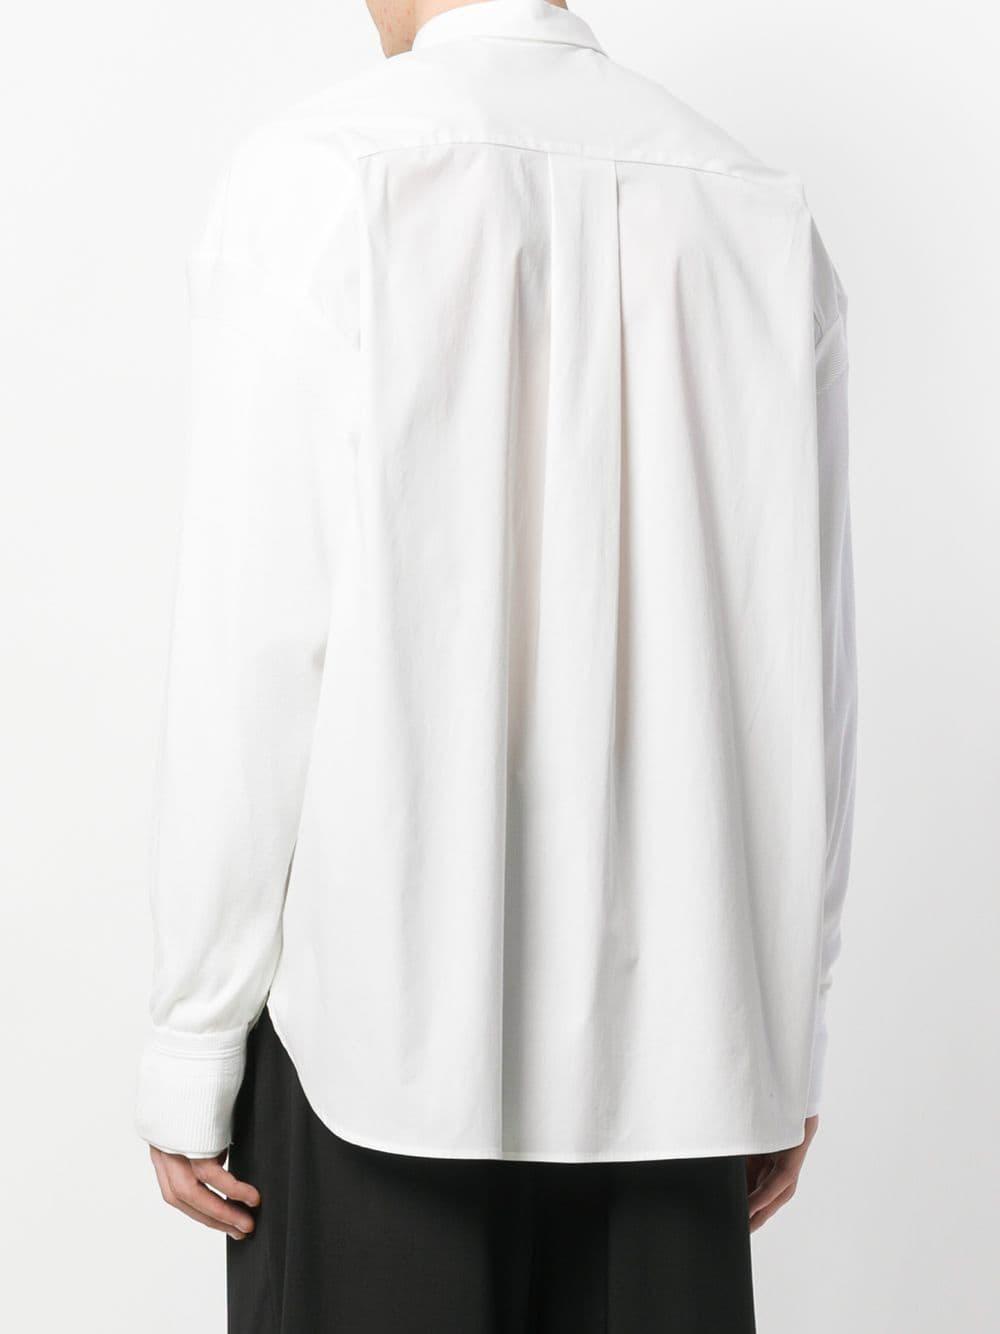 Juun.J Katoen Effen Overhemd in het Wit voor heren